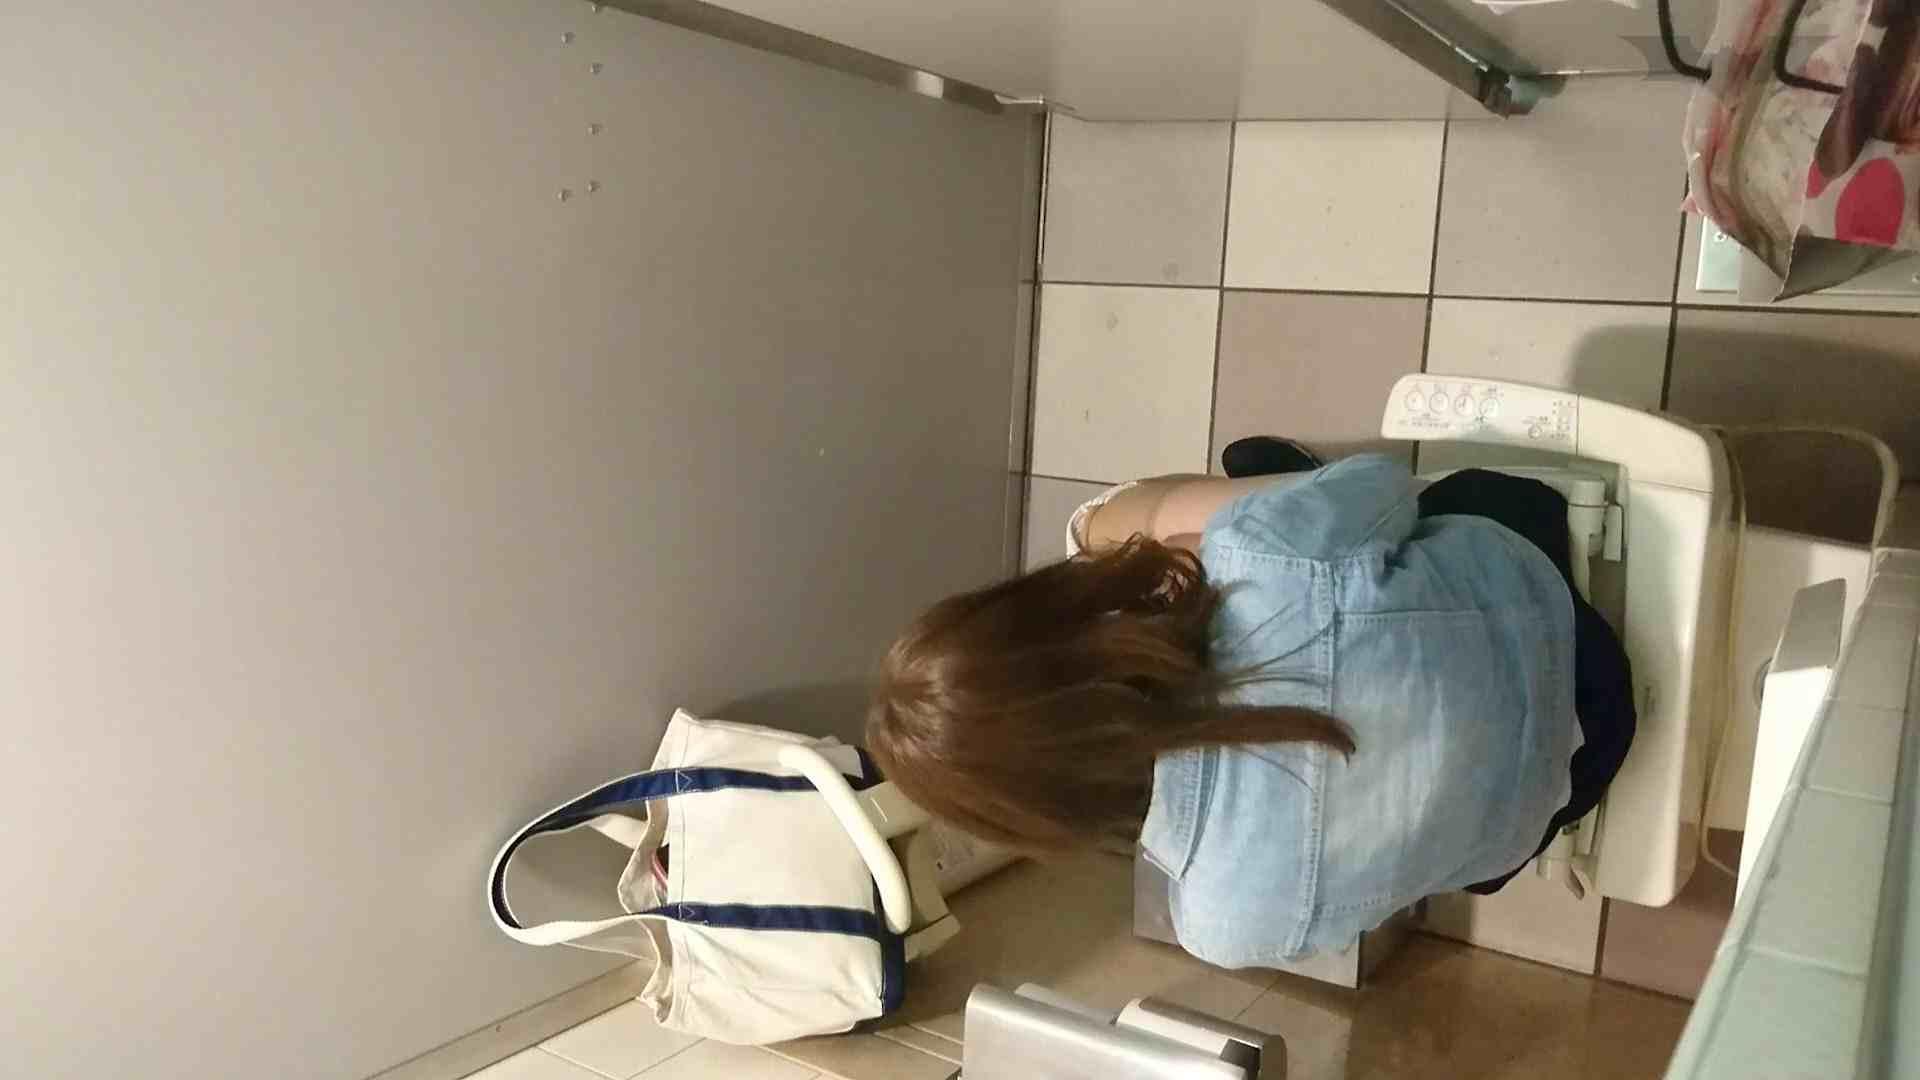 化粧室絵巻 ショッピングモール編 VOL.16 丸見え  59PIX 43